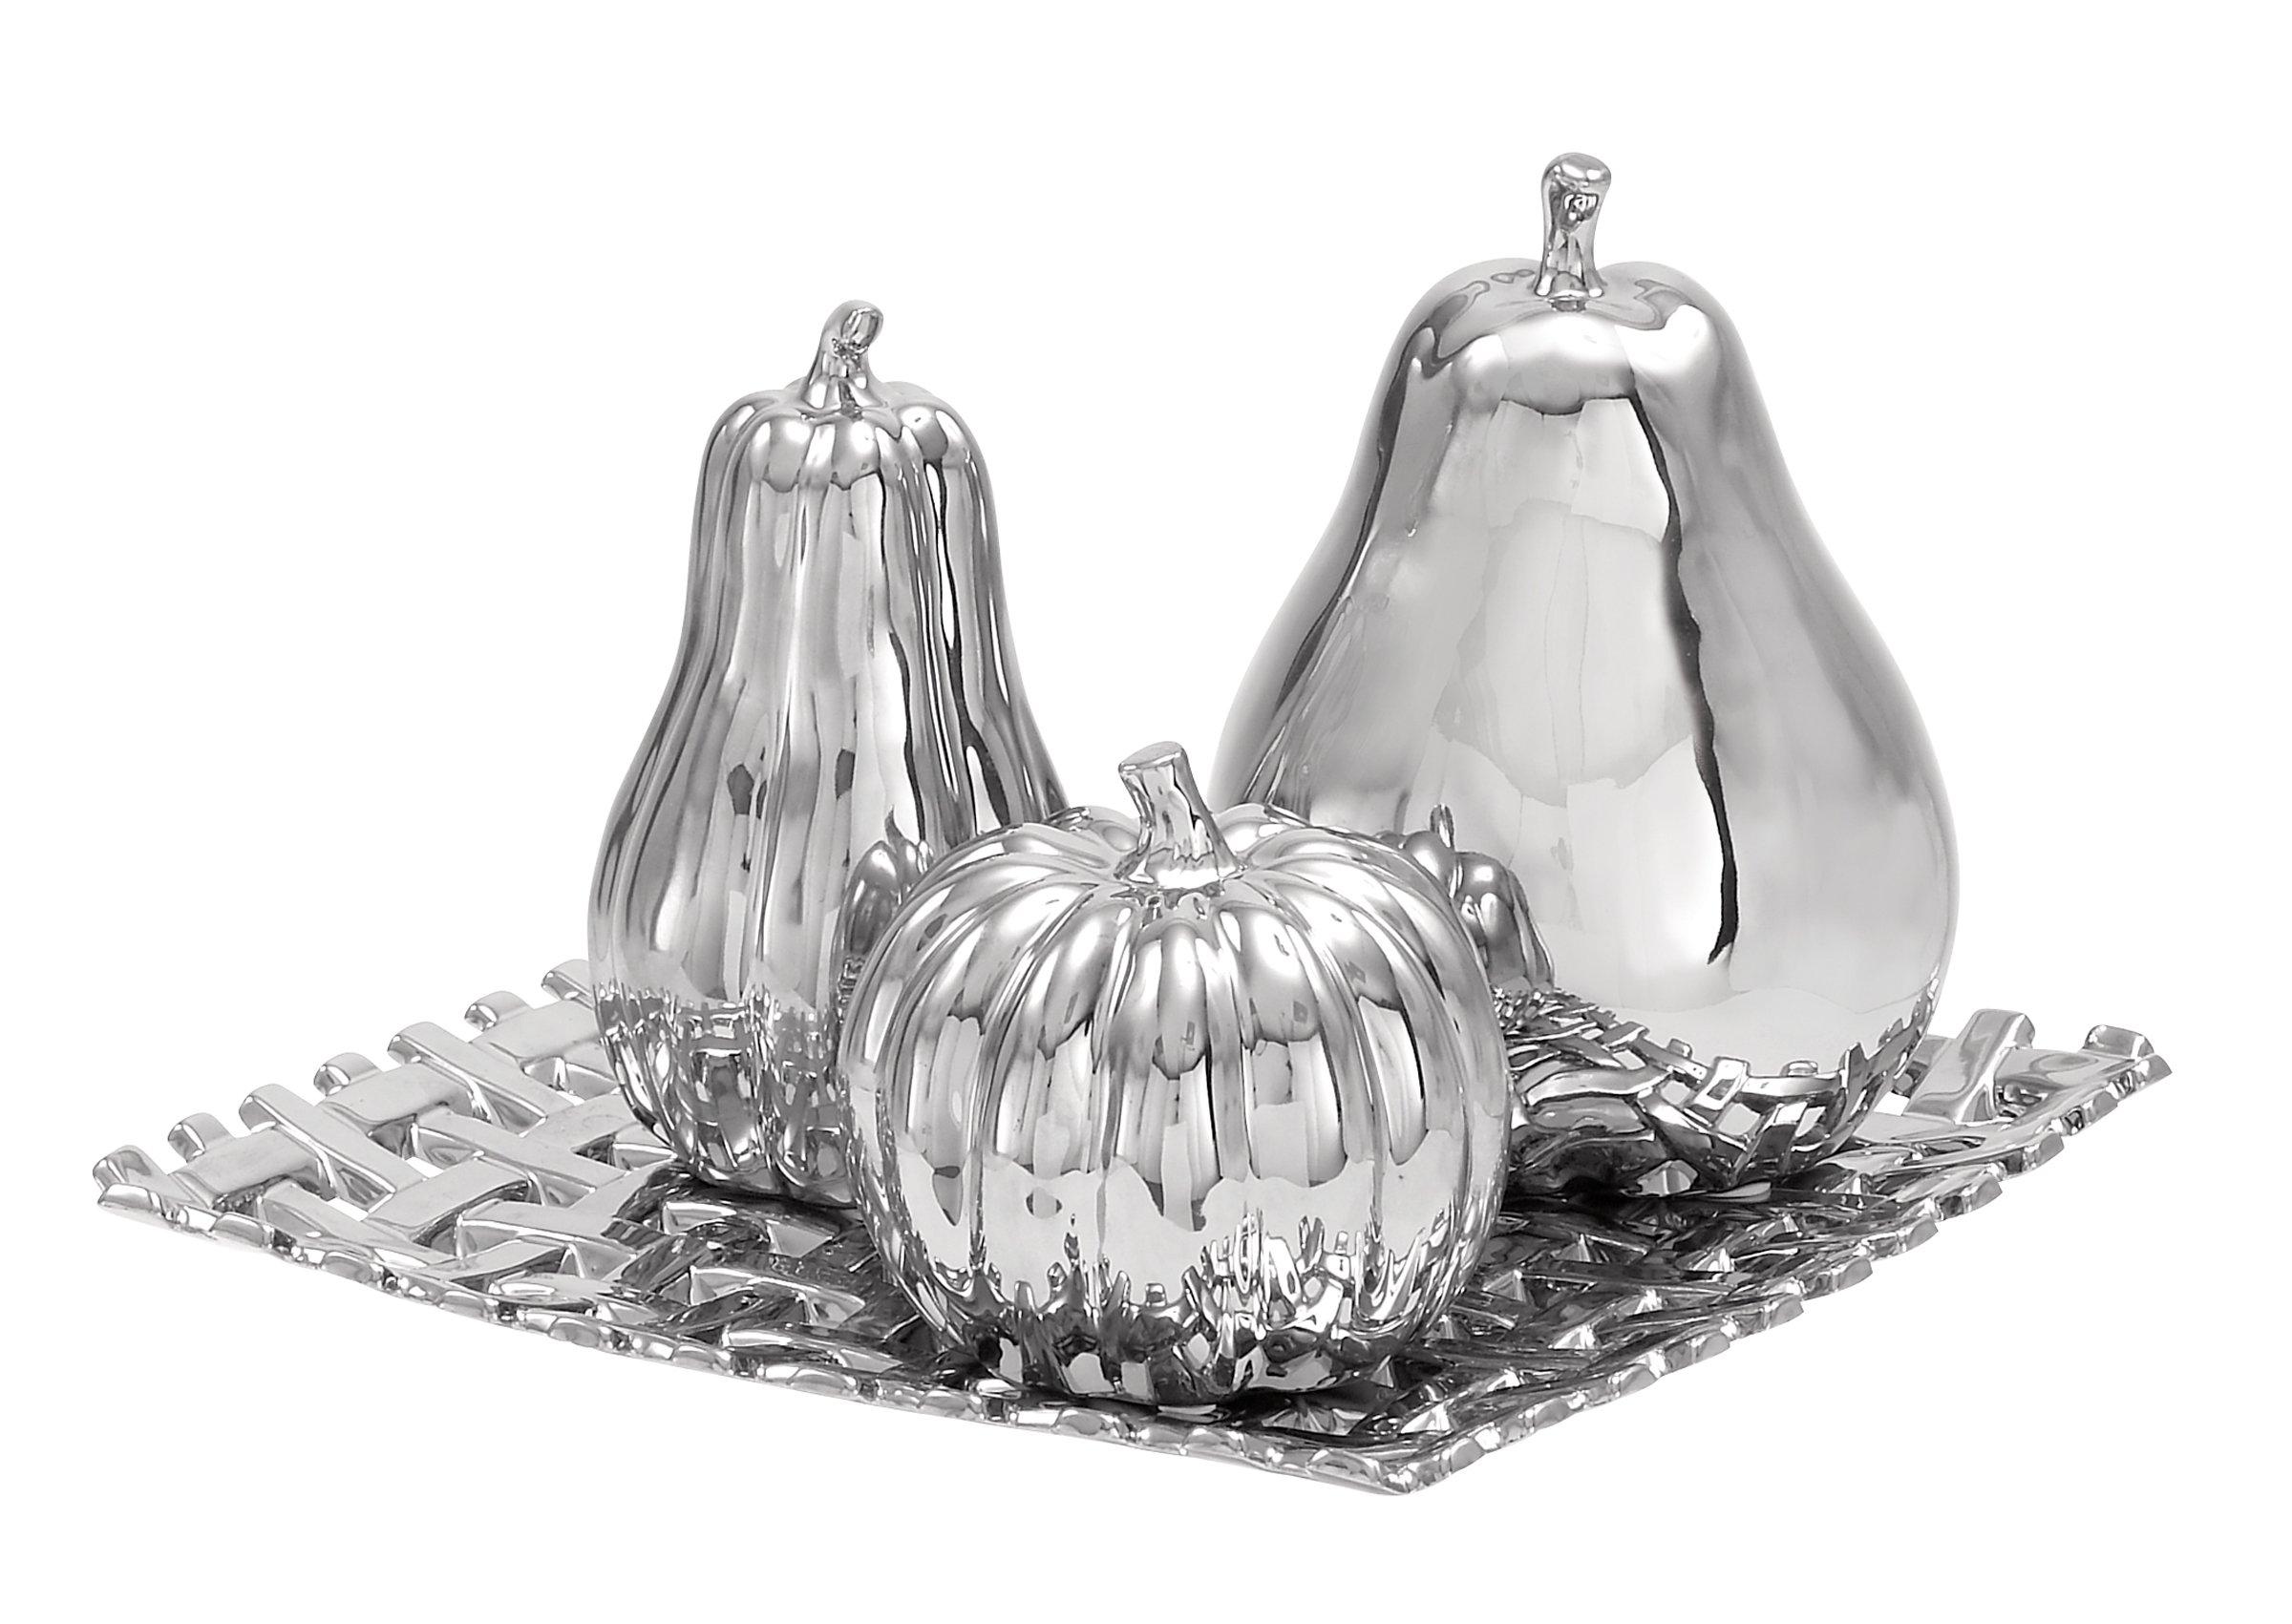 Deco 79 71689 Ceramic Plate W Fruit S/4 12'' W, 8'' H -